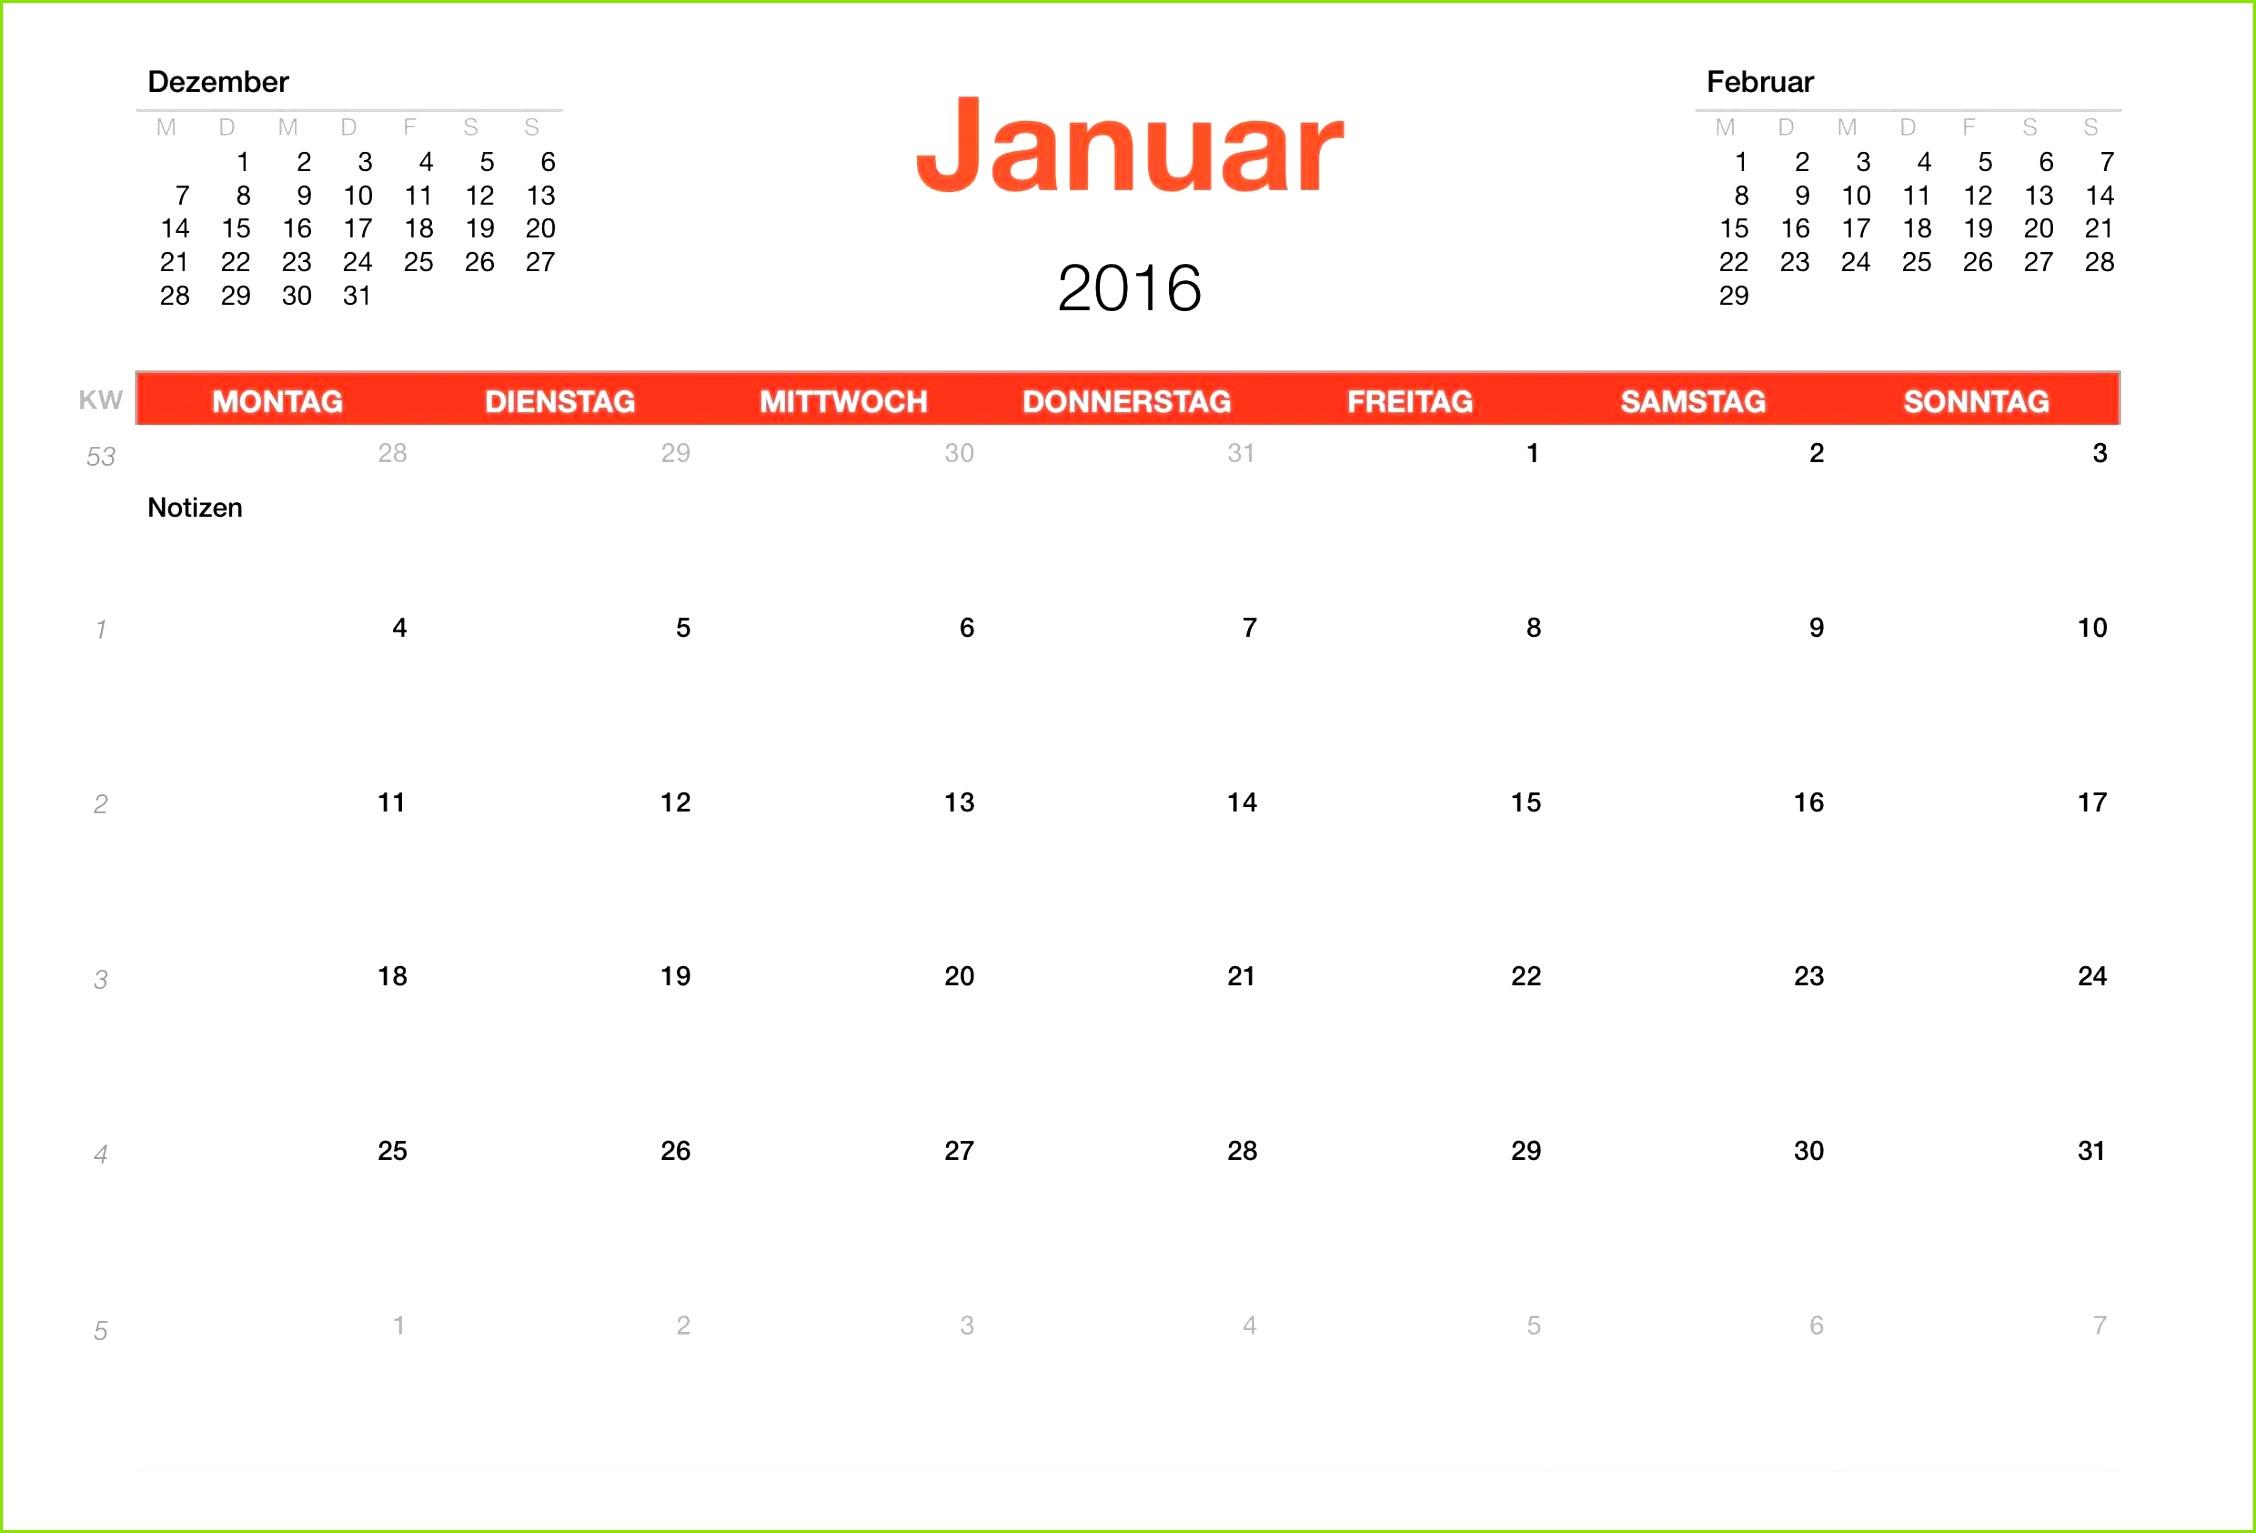 45 Detaillierte Stundenzettel Vorlage 2016